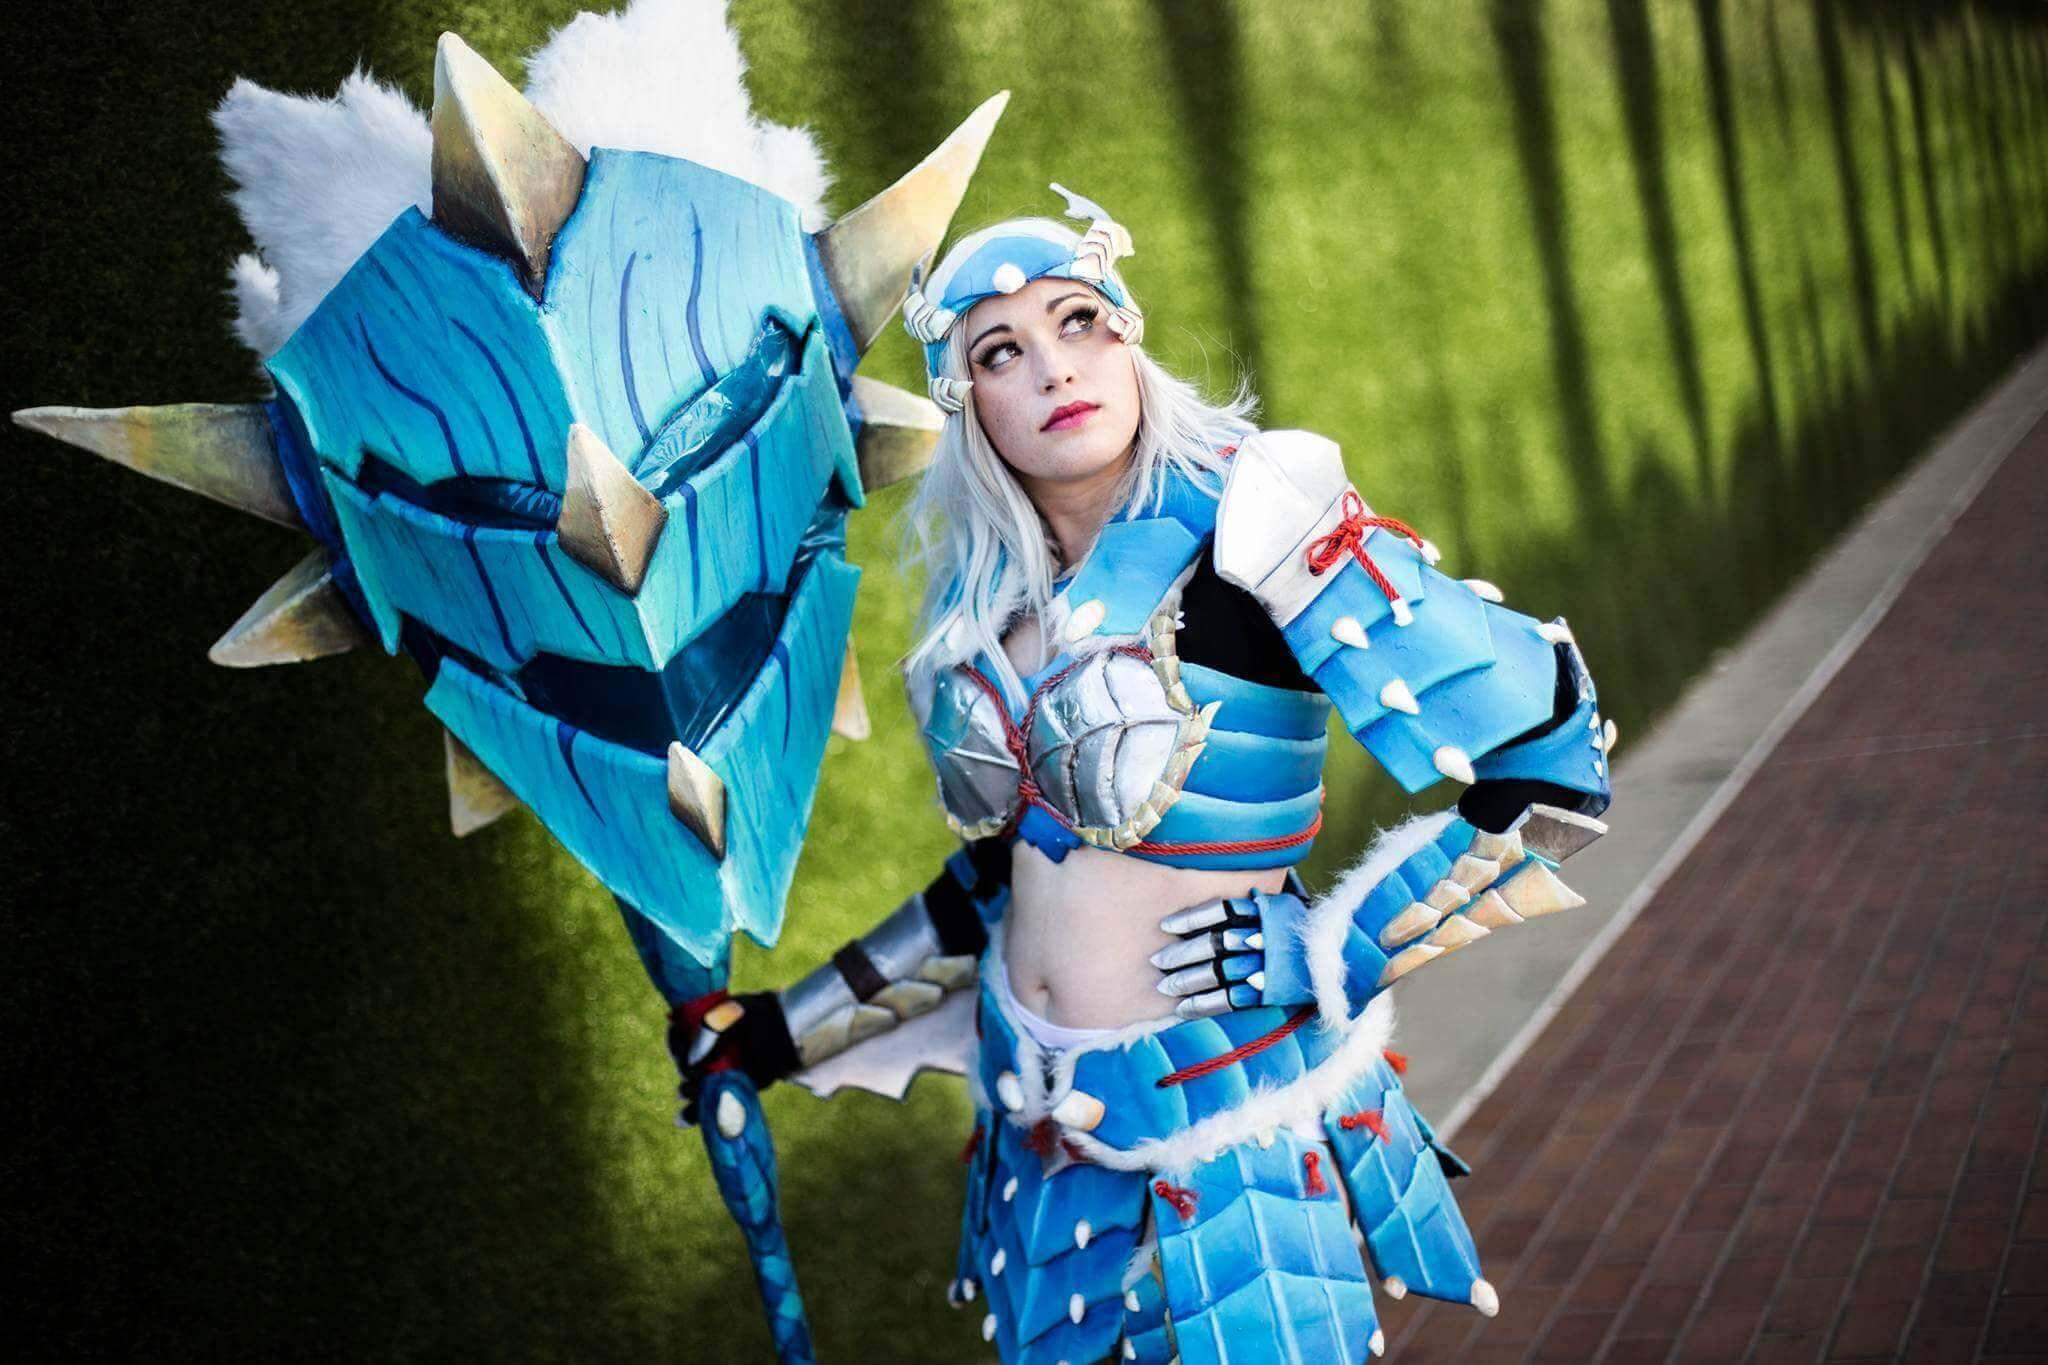 KEM Cosplay as Monster Hunter 3 Zinogre Armor